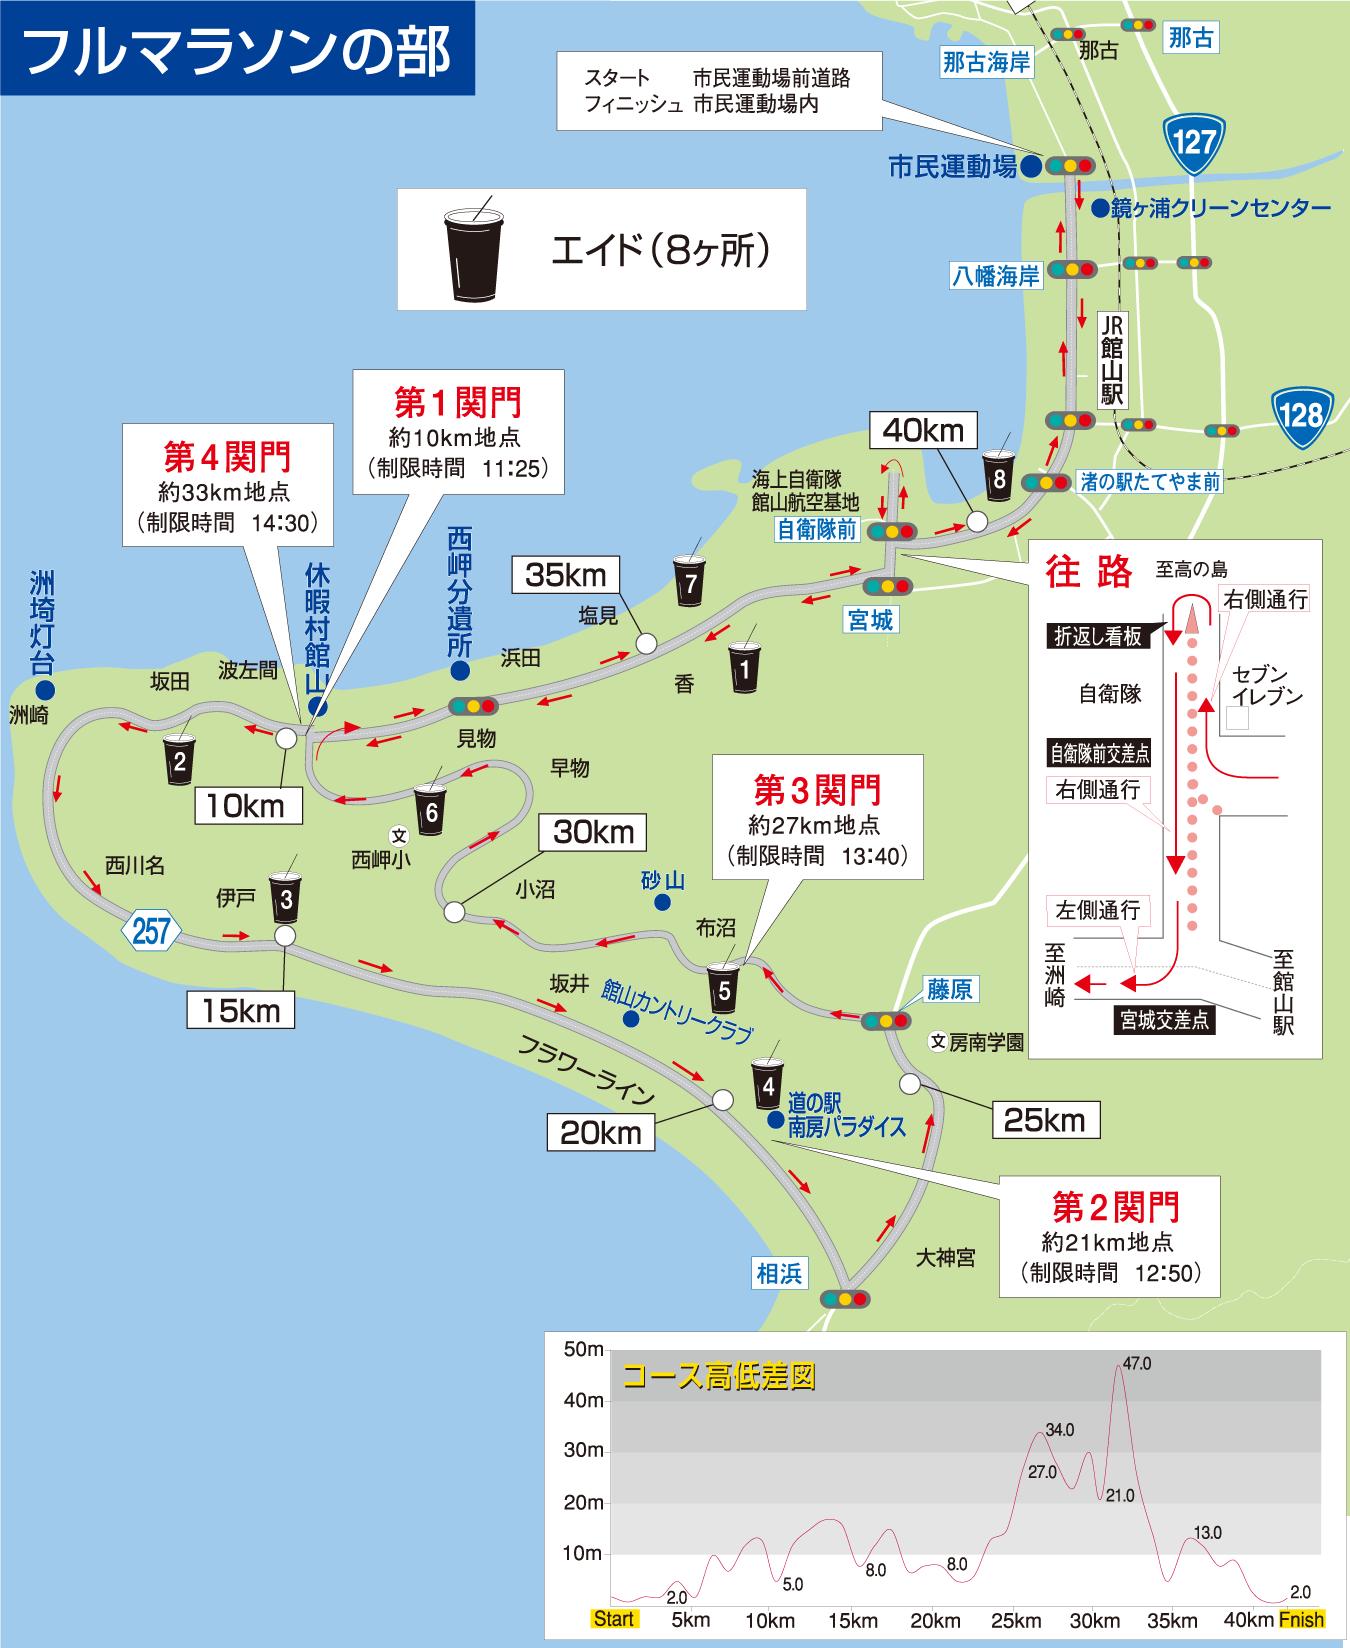 フルマラソンのコース図